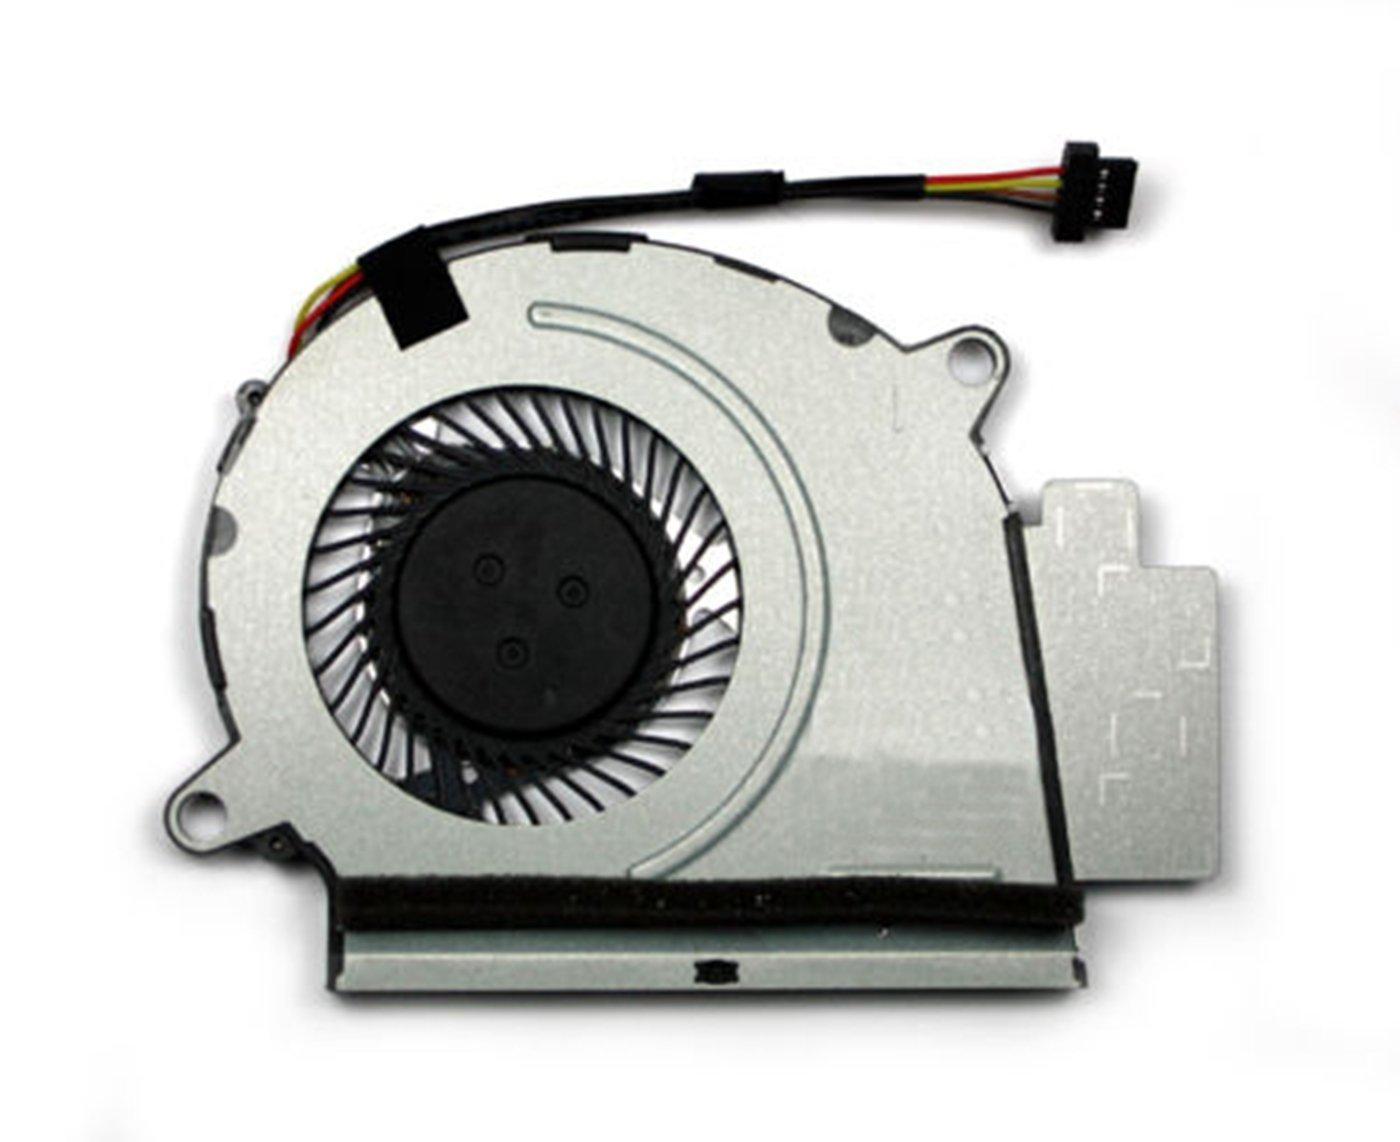 Acer Extensa 5220 TM 7720 Laptop CPU Fan//Heatsink 23.TK901.001